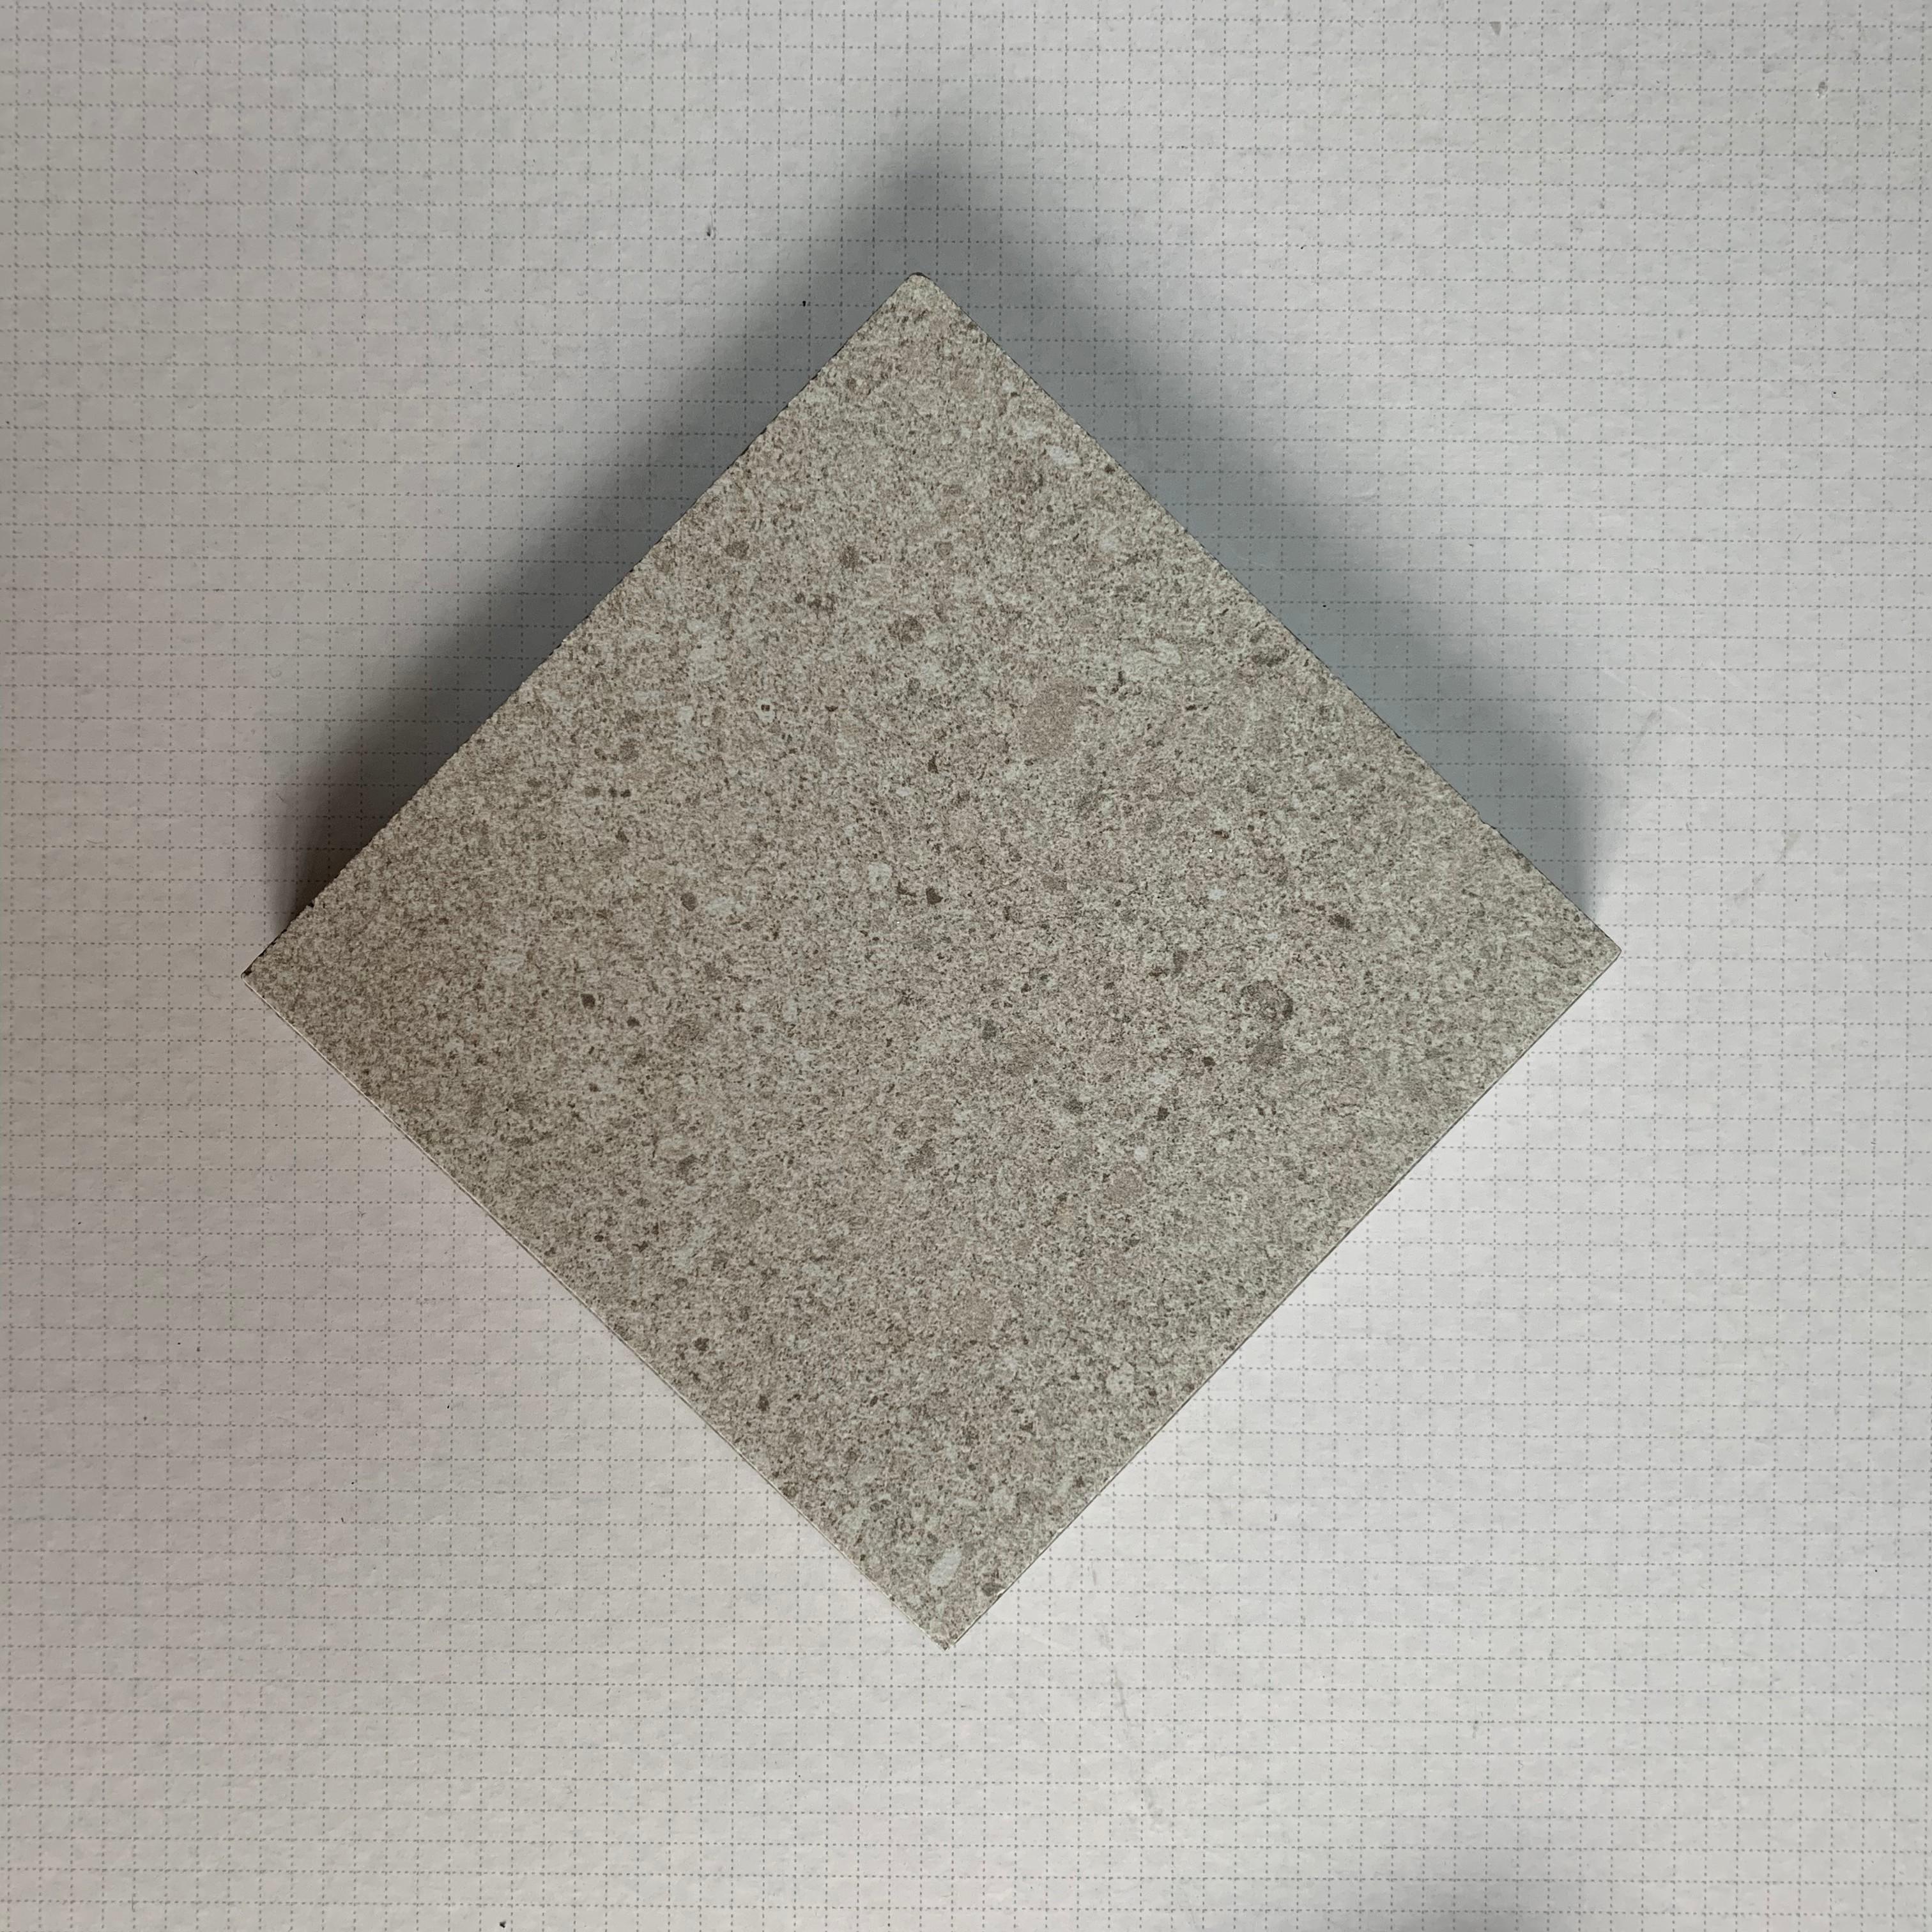 黎川浅灰水磨石